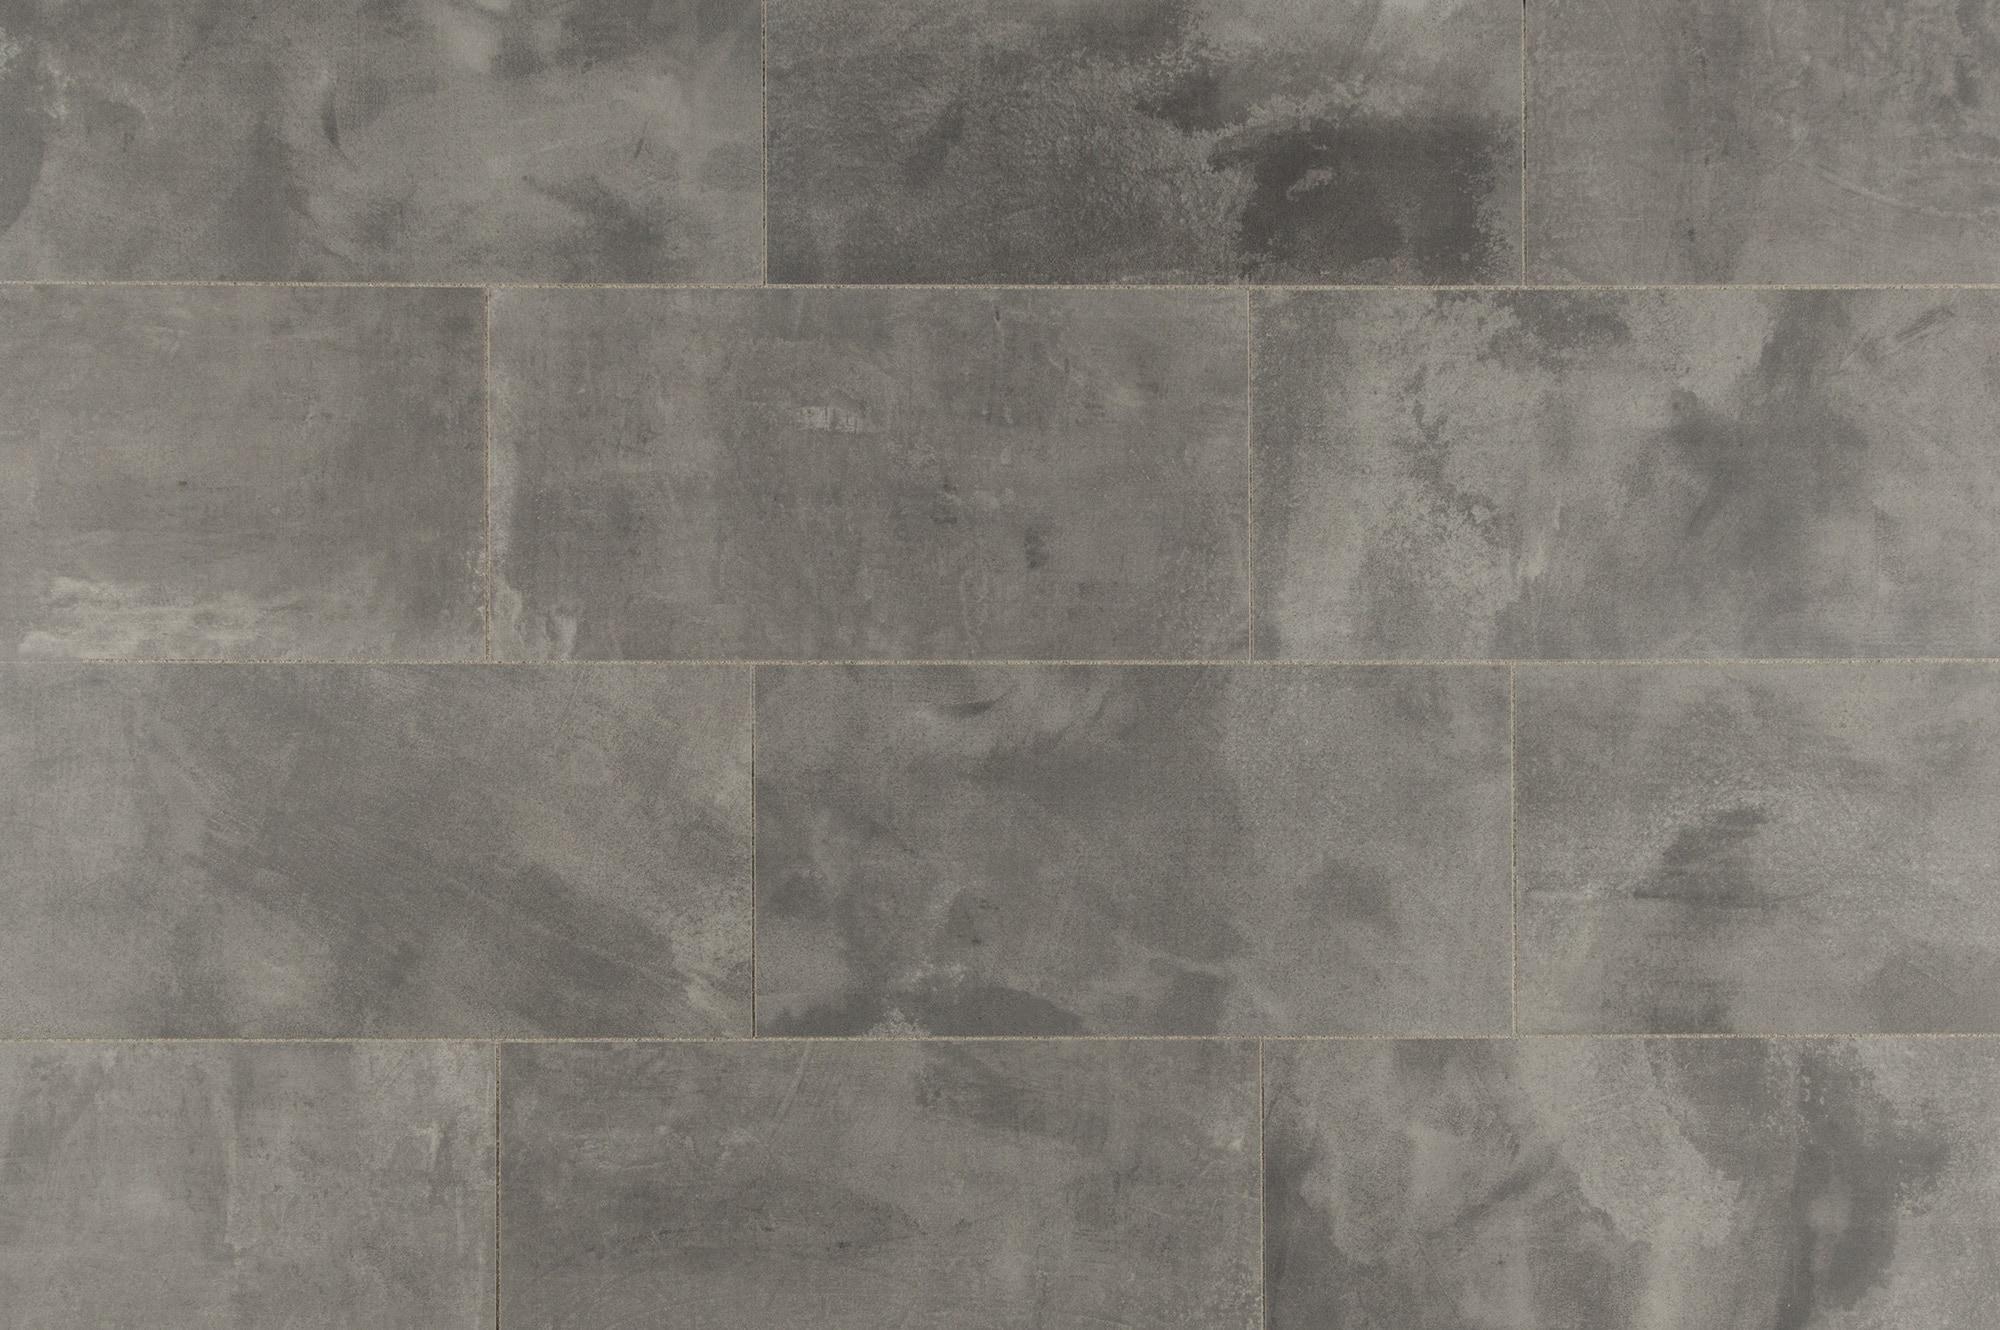 FREE Samples  Salerno Porcelain Tile   Concrete Series Dark Gray   12 x24. FREE Samples  Salerno Porcelain Tile   Concrete Series Dark Gray